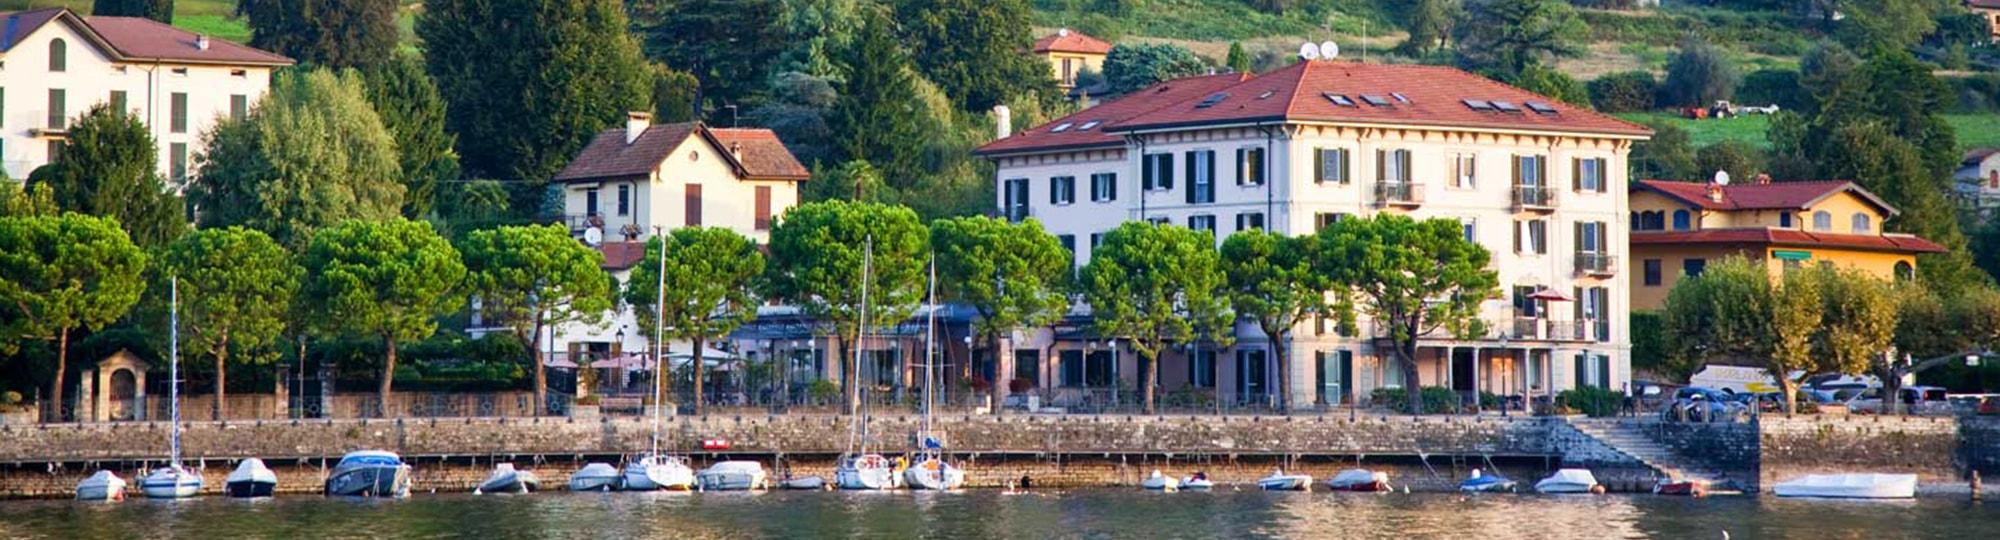 Hotel Lac De Come  Etoiles